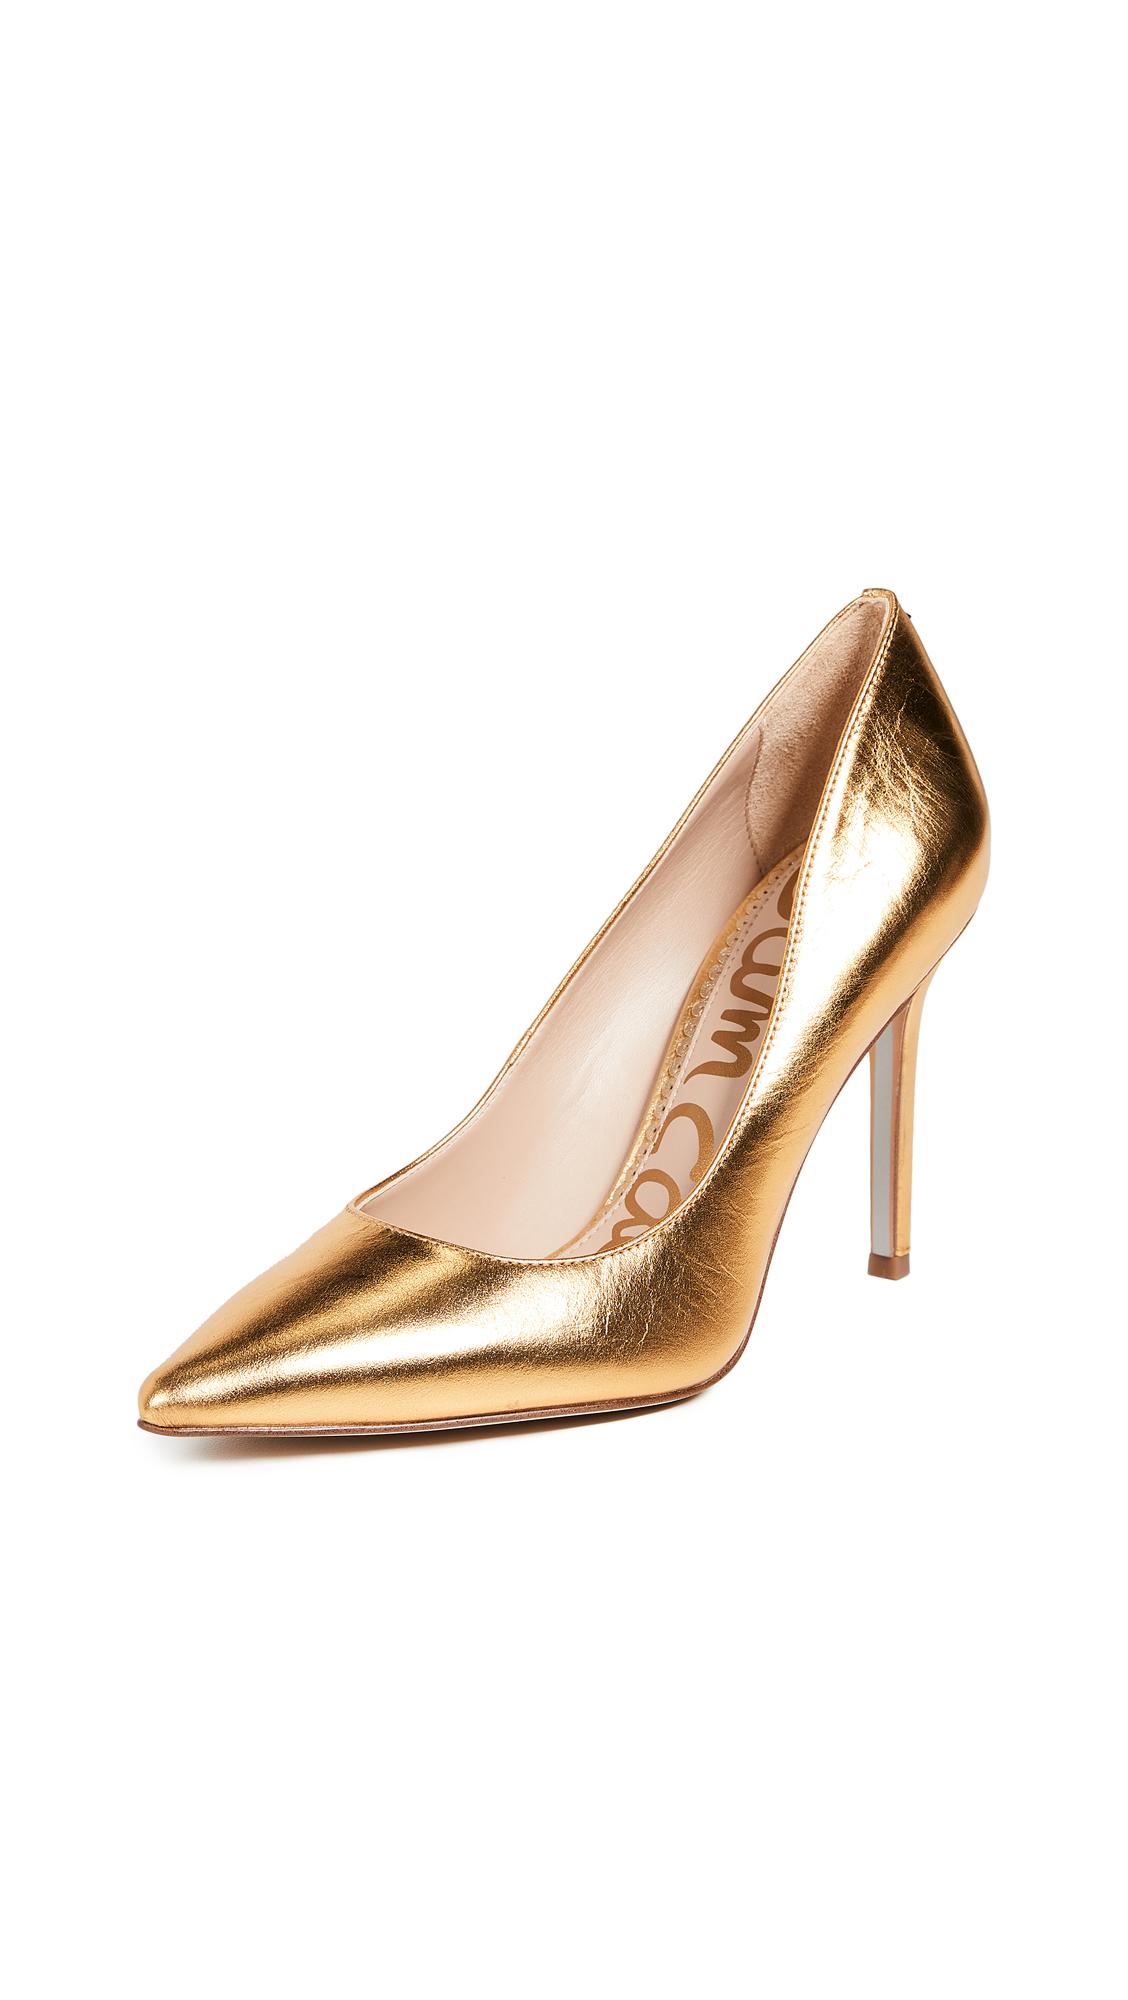 Sam Edelman Hazel Pumps - Exotic Gold